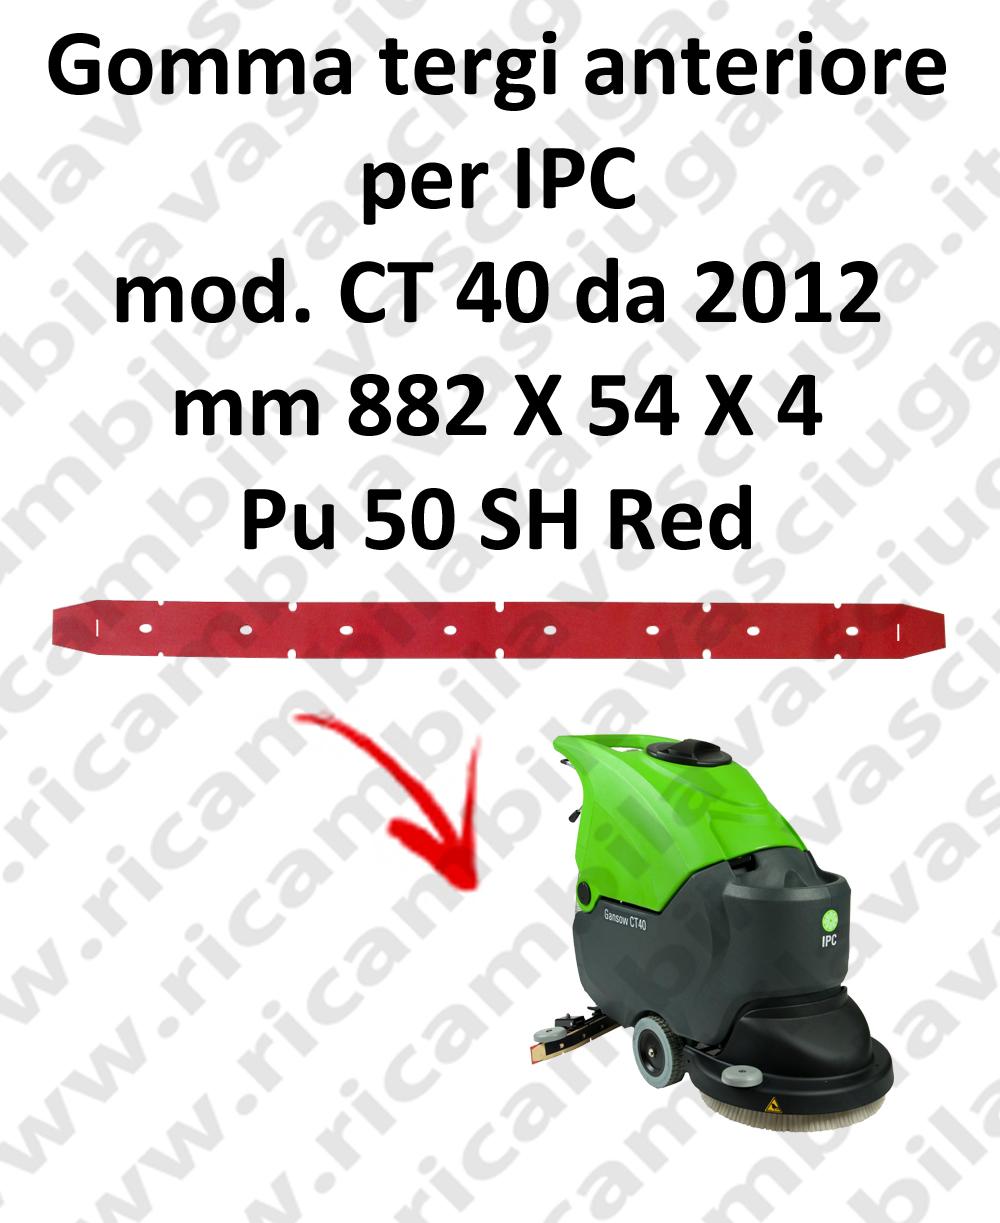 CT 40 da 2012 - GOMMA TERGI anteriore per lavapavimenti IPC